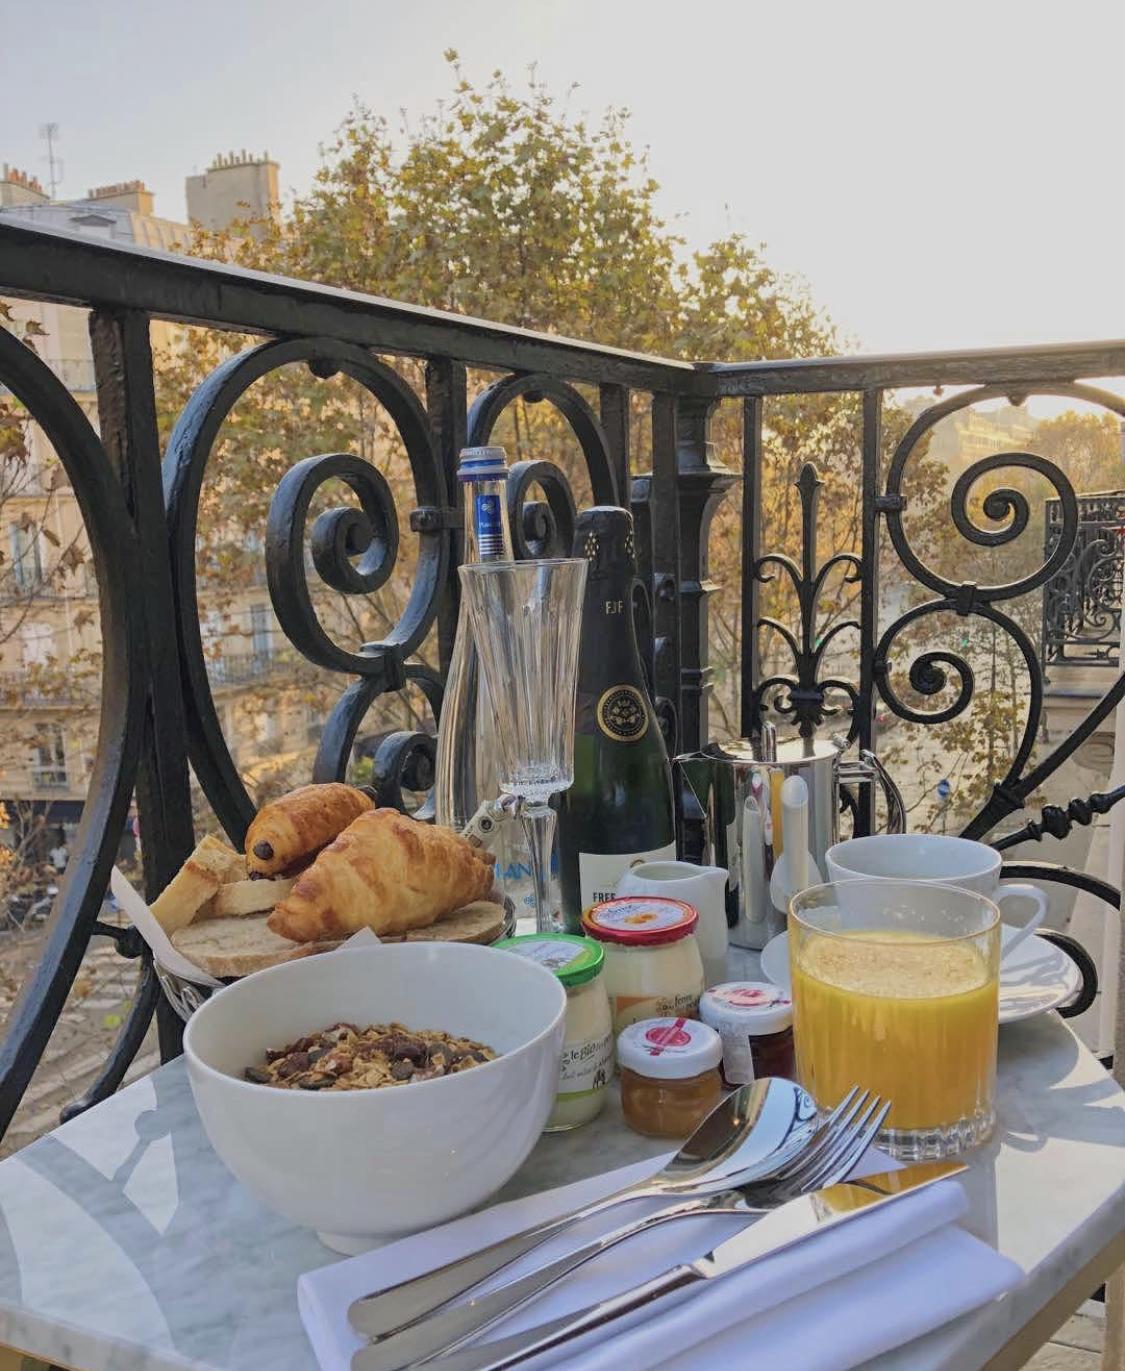 Hotel Bowmann breakfast on balcony